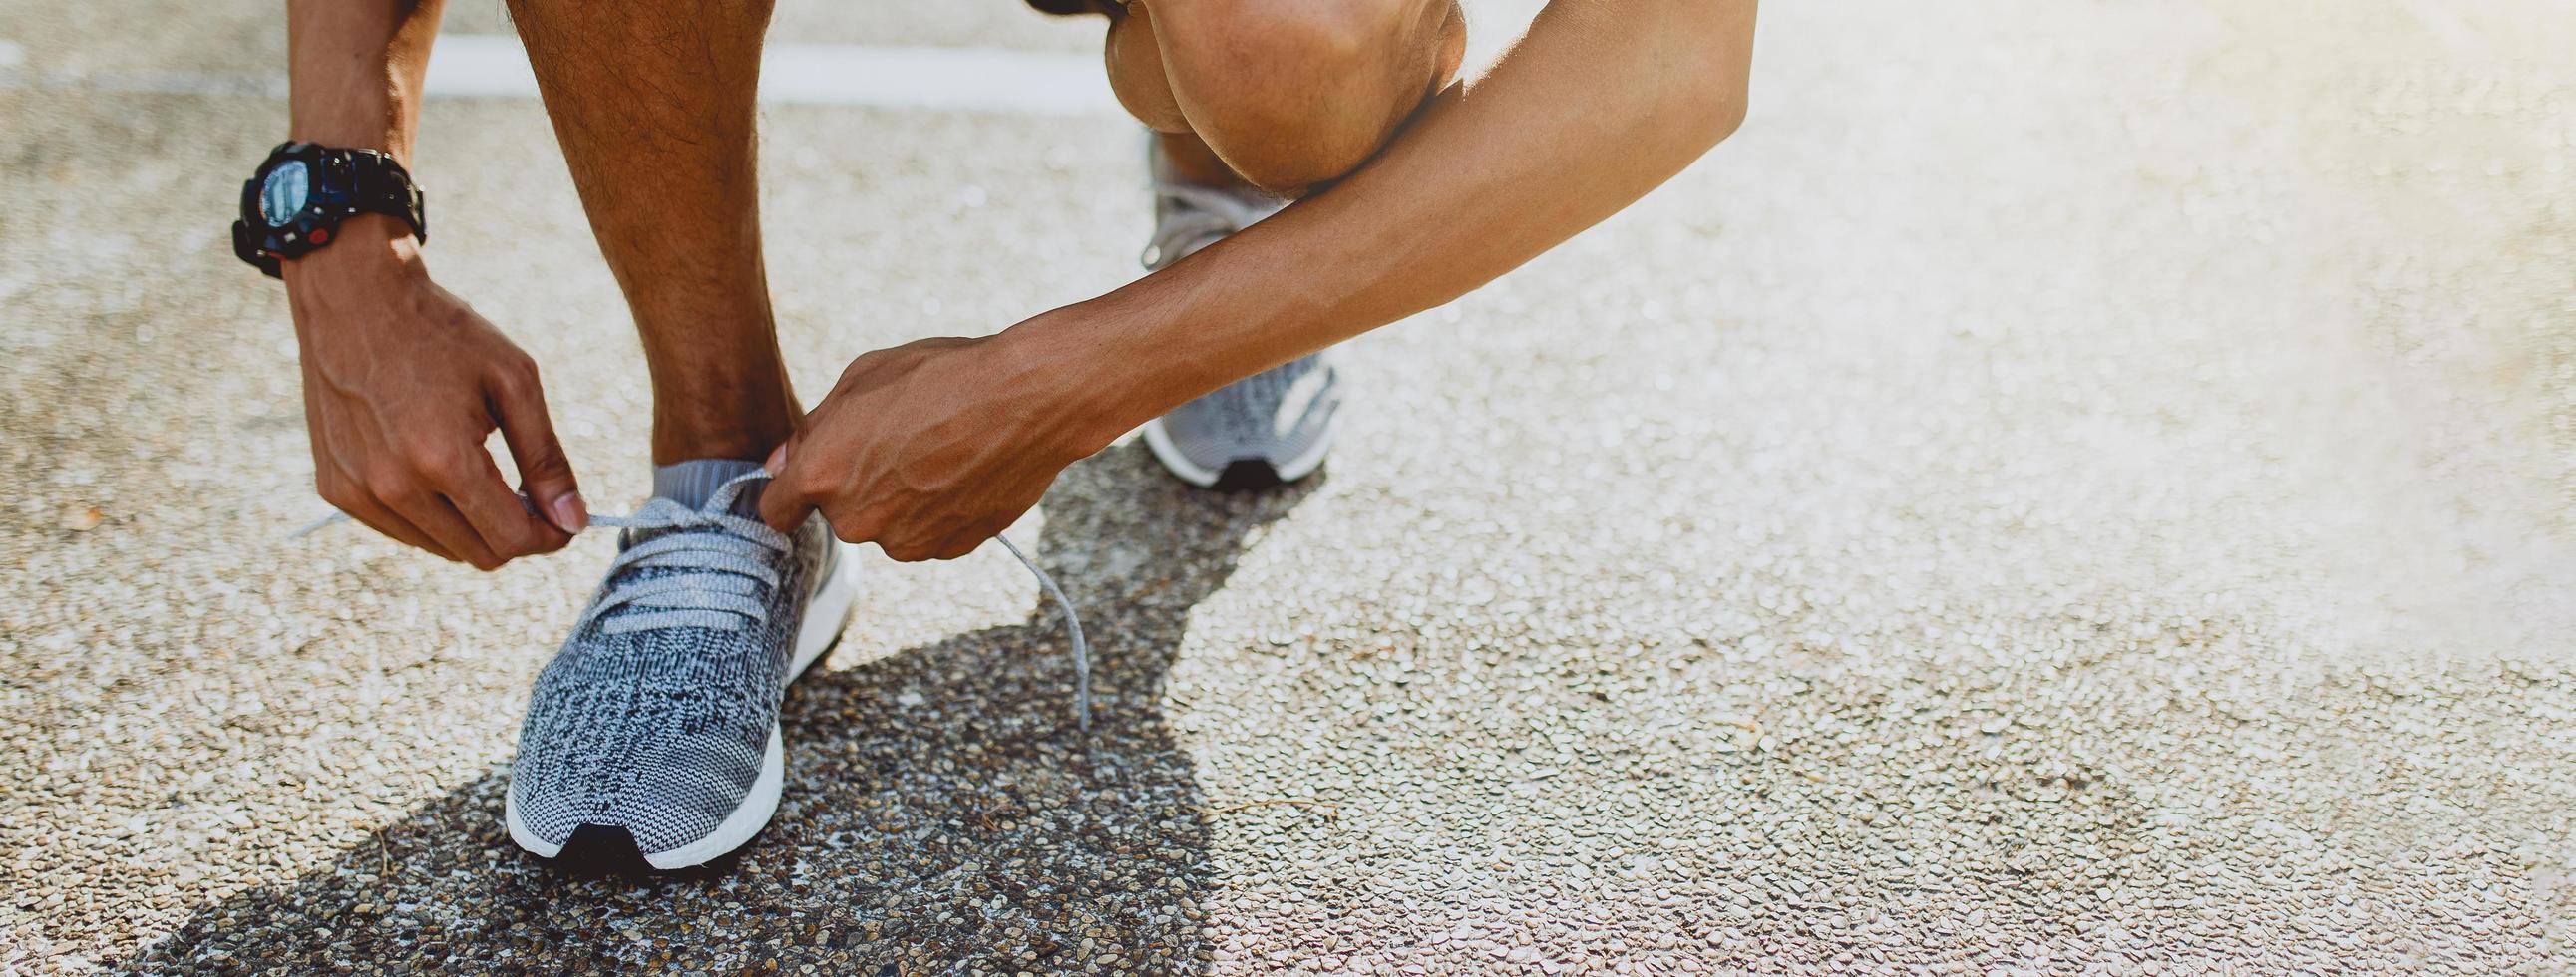 homme attachant des chaussures de course se prépare pour la course. mode de vie sain et sport. bannière avec espace copie. photo